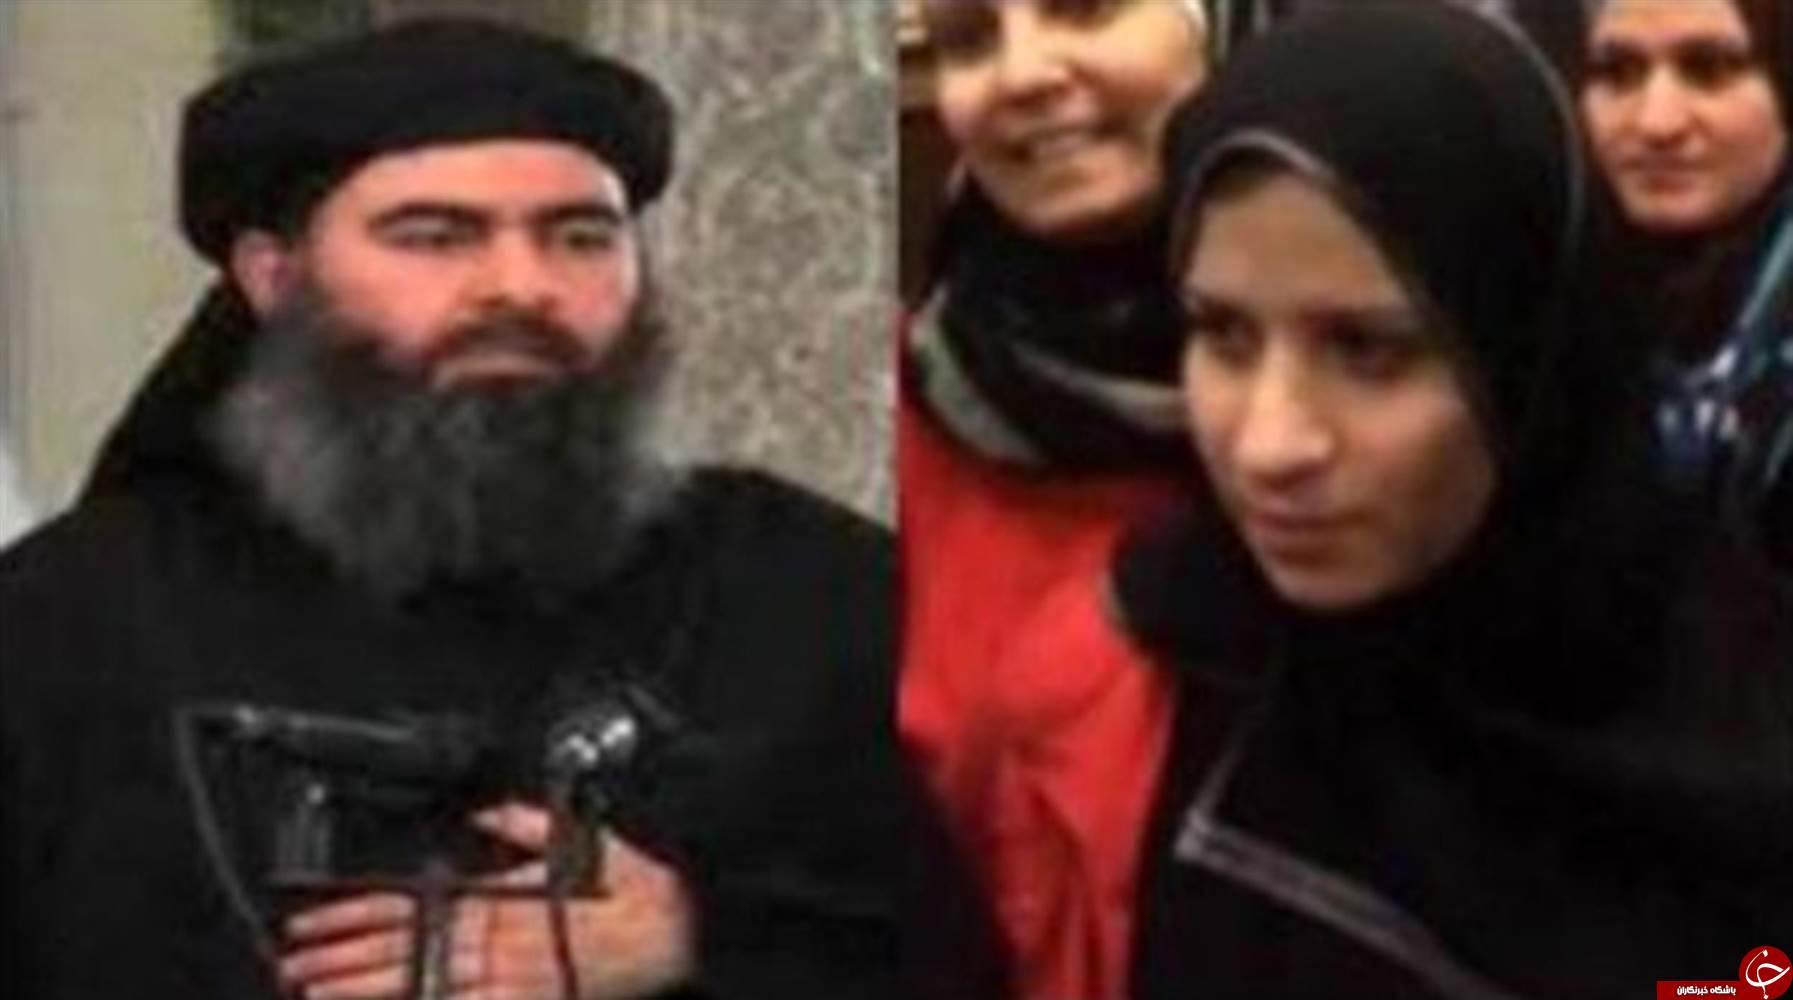 همسر ابوبکر بغدادی: وی فرد بسیار مرموزی است/ بغدادی استاد دانشگاه بود!+ تصاویر